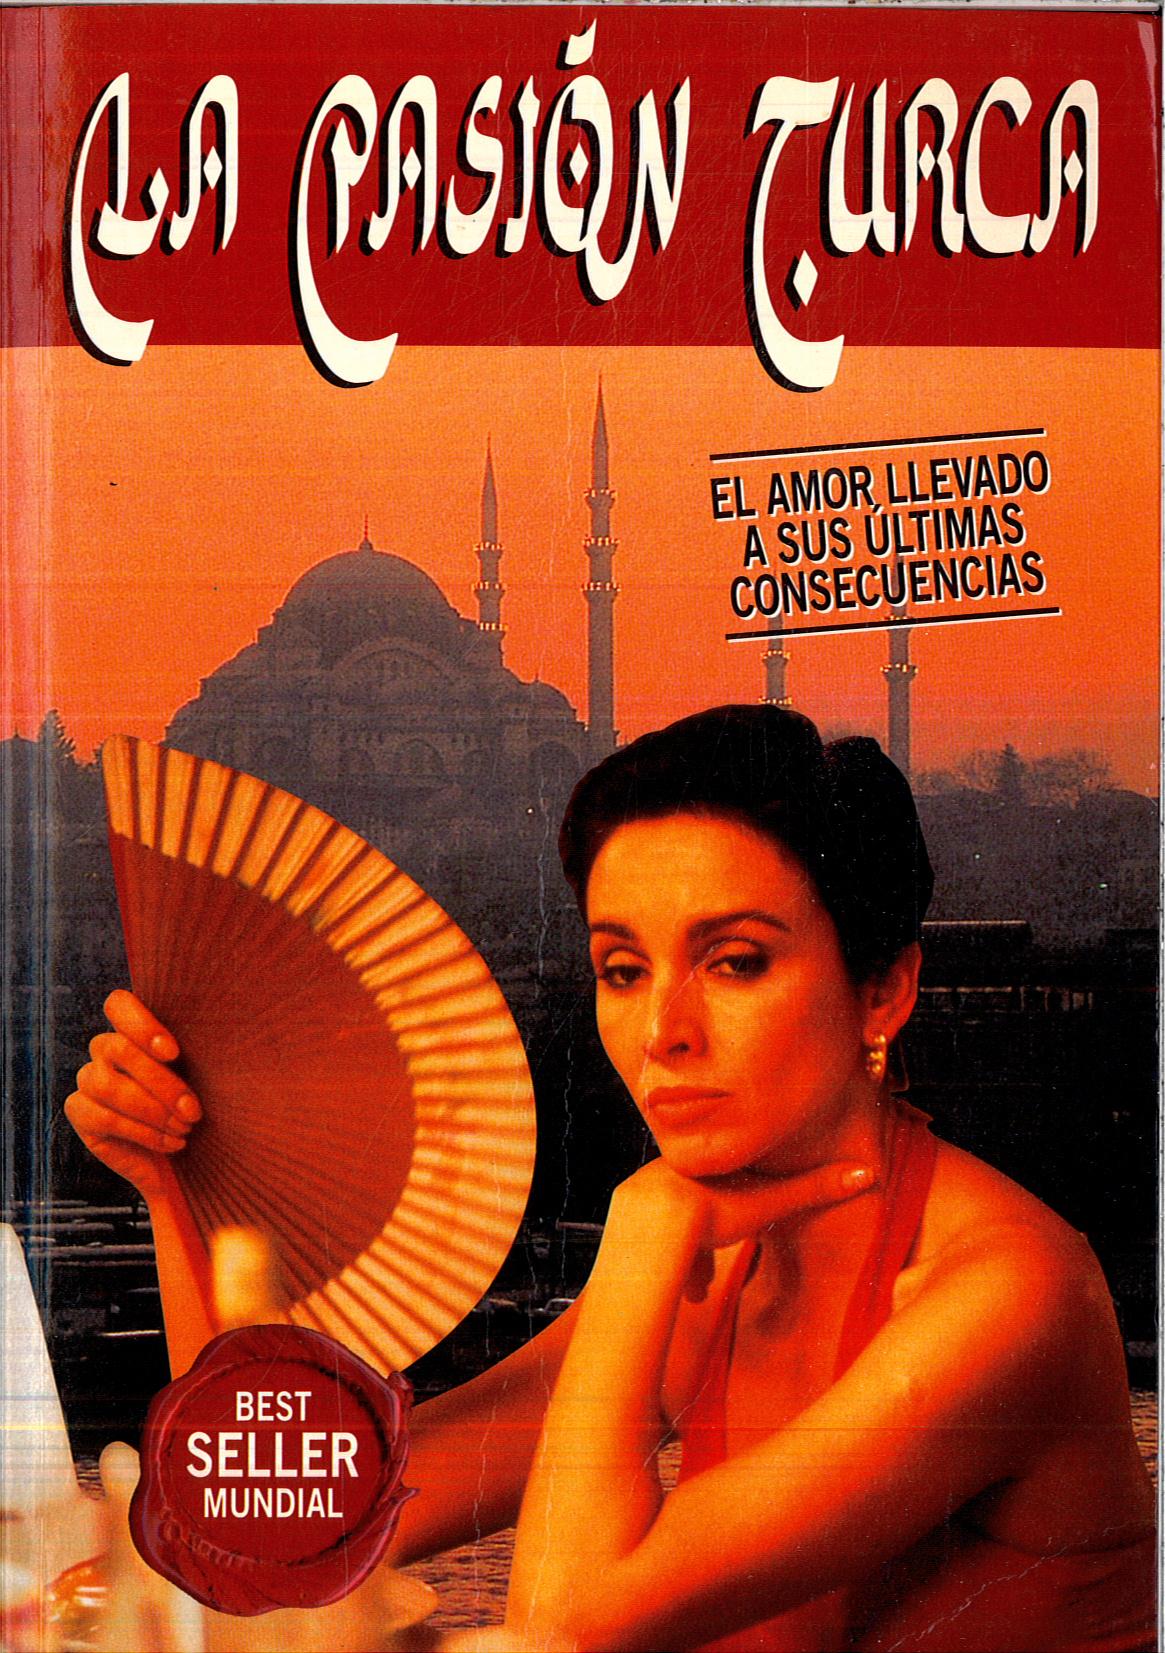 La pasi n turca de antonio gala uniliber - Libreria hispanoamericana barcelona ...